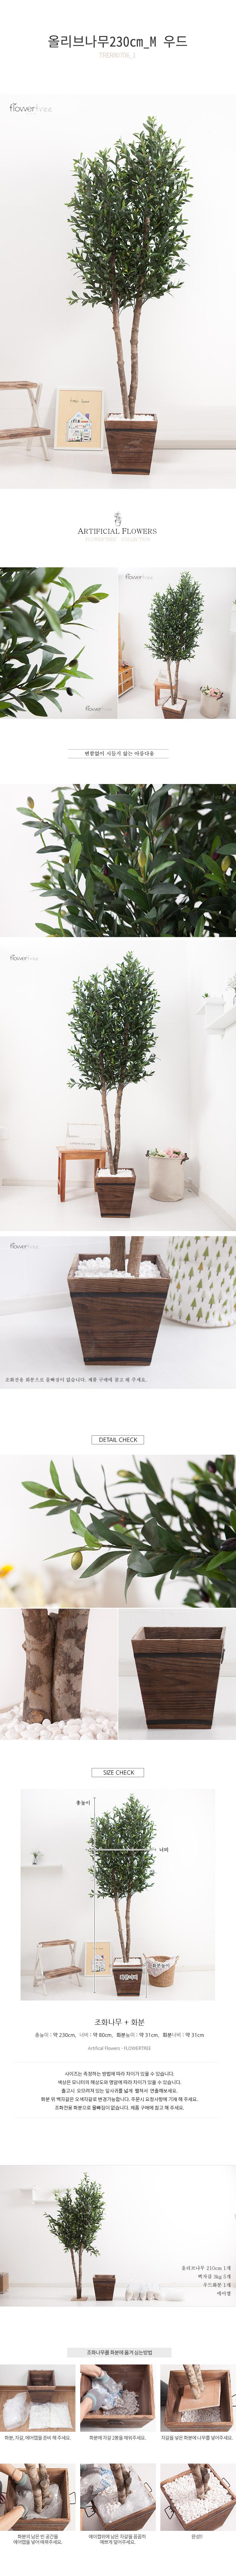 올리브나무 230cm 우드 5-5 [조화] - 플라워트리, 324,500원, 조화, 인조목